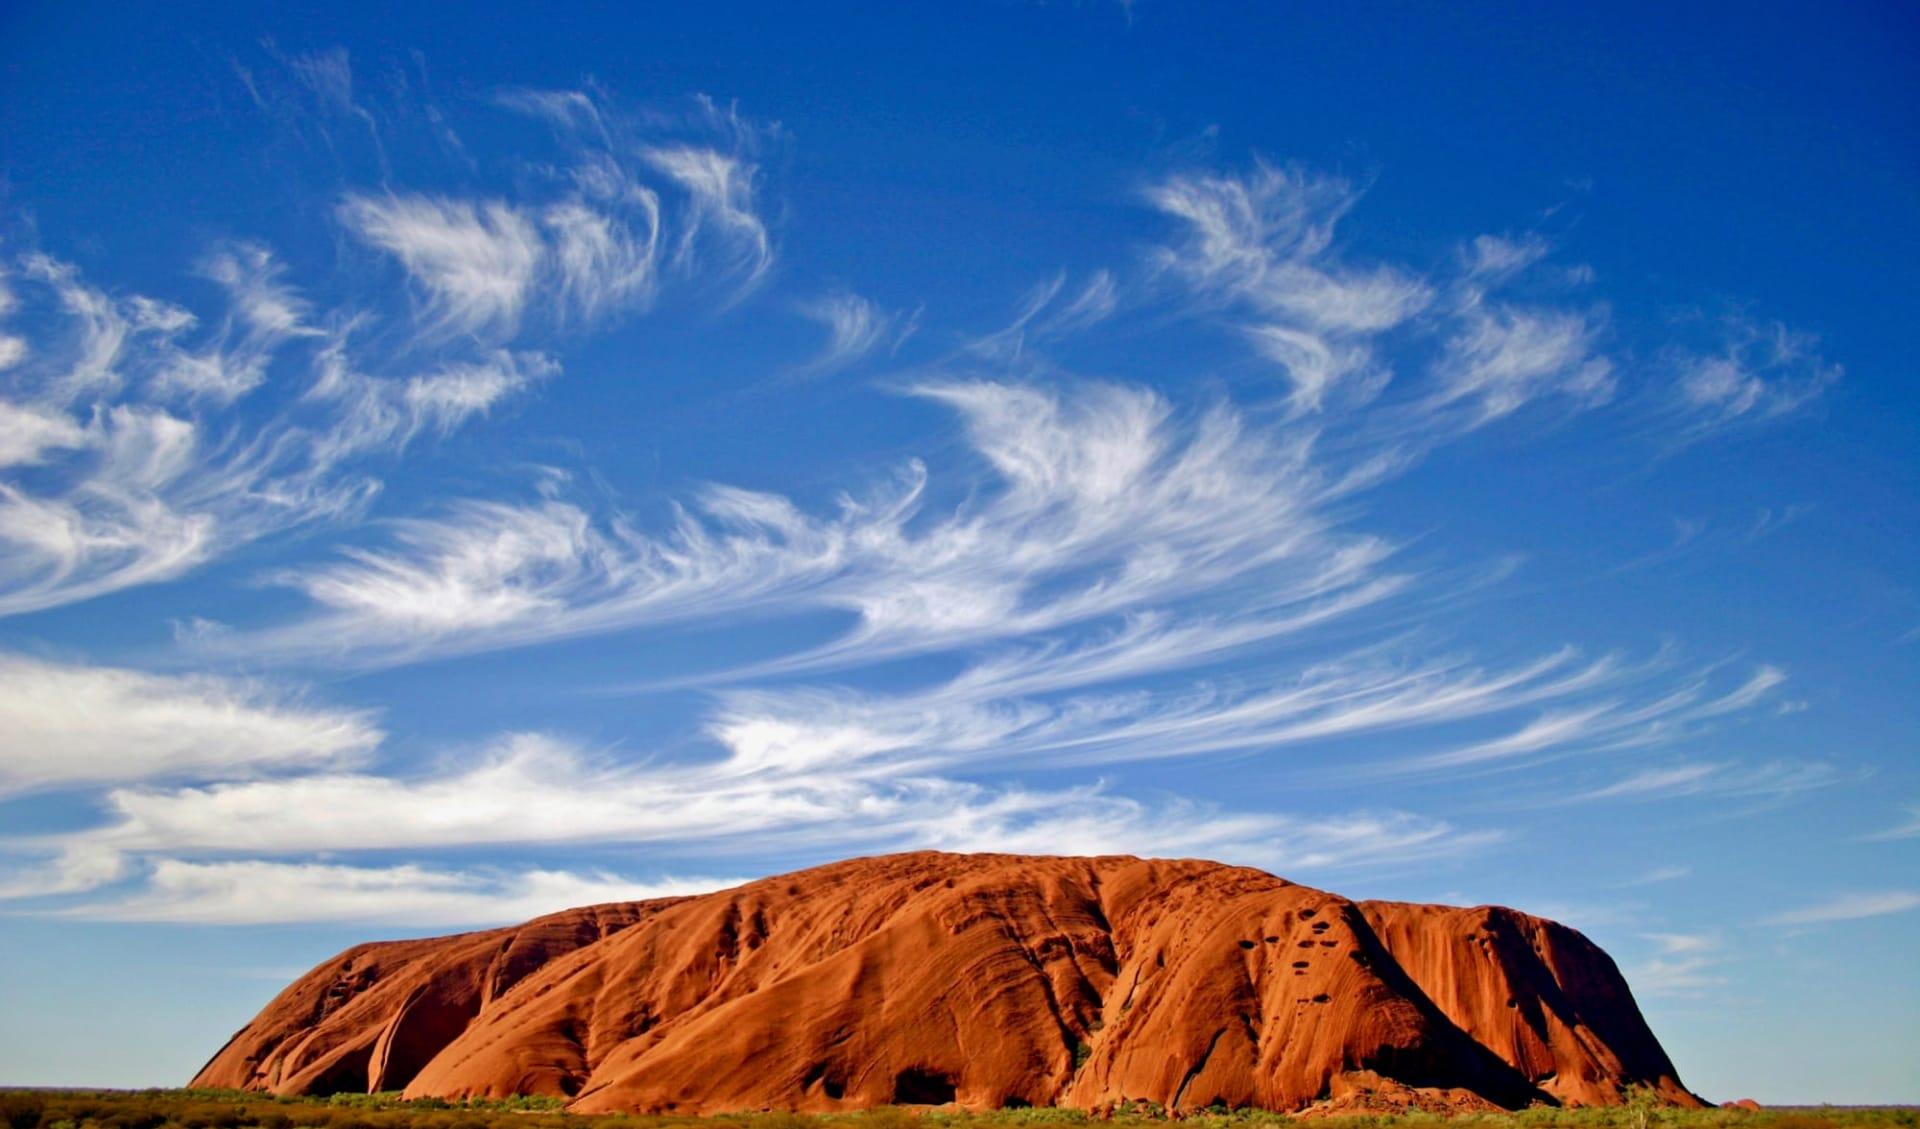 Best of OZ ab Sydney: Uluru Ayers Rock mit blauen Wolken